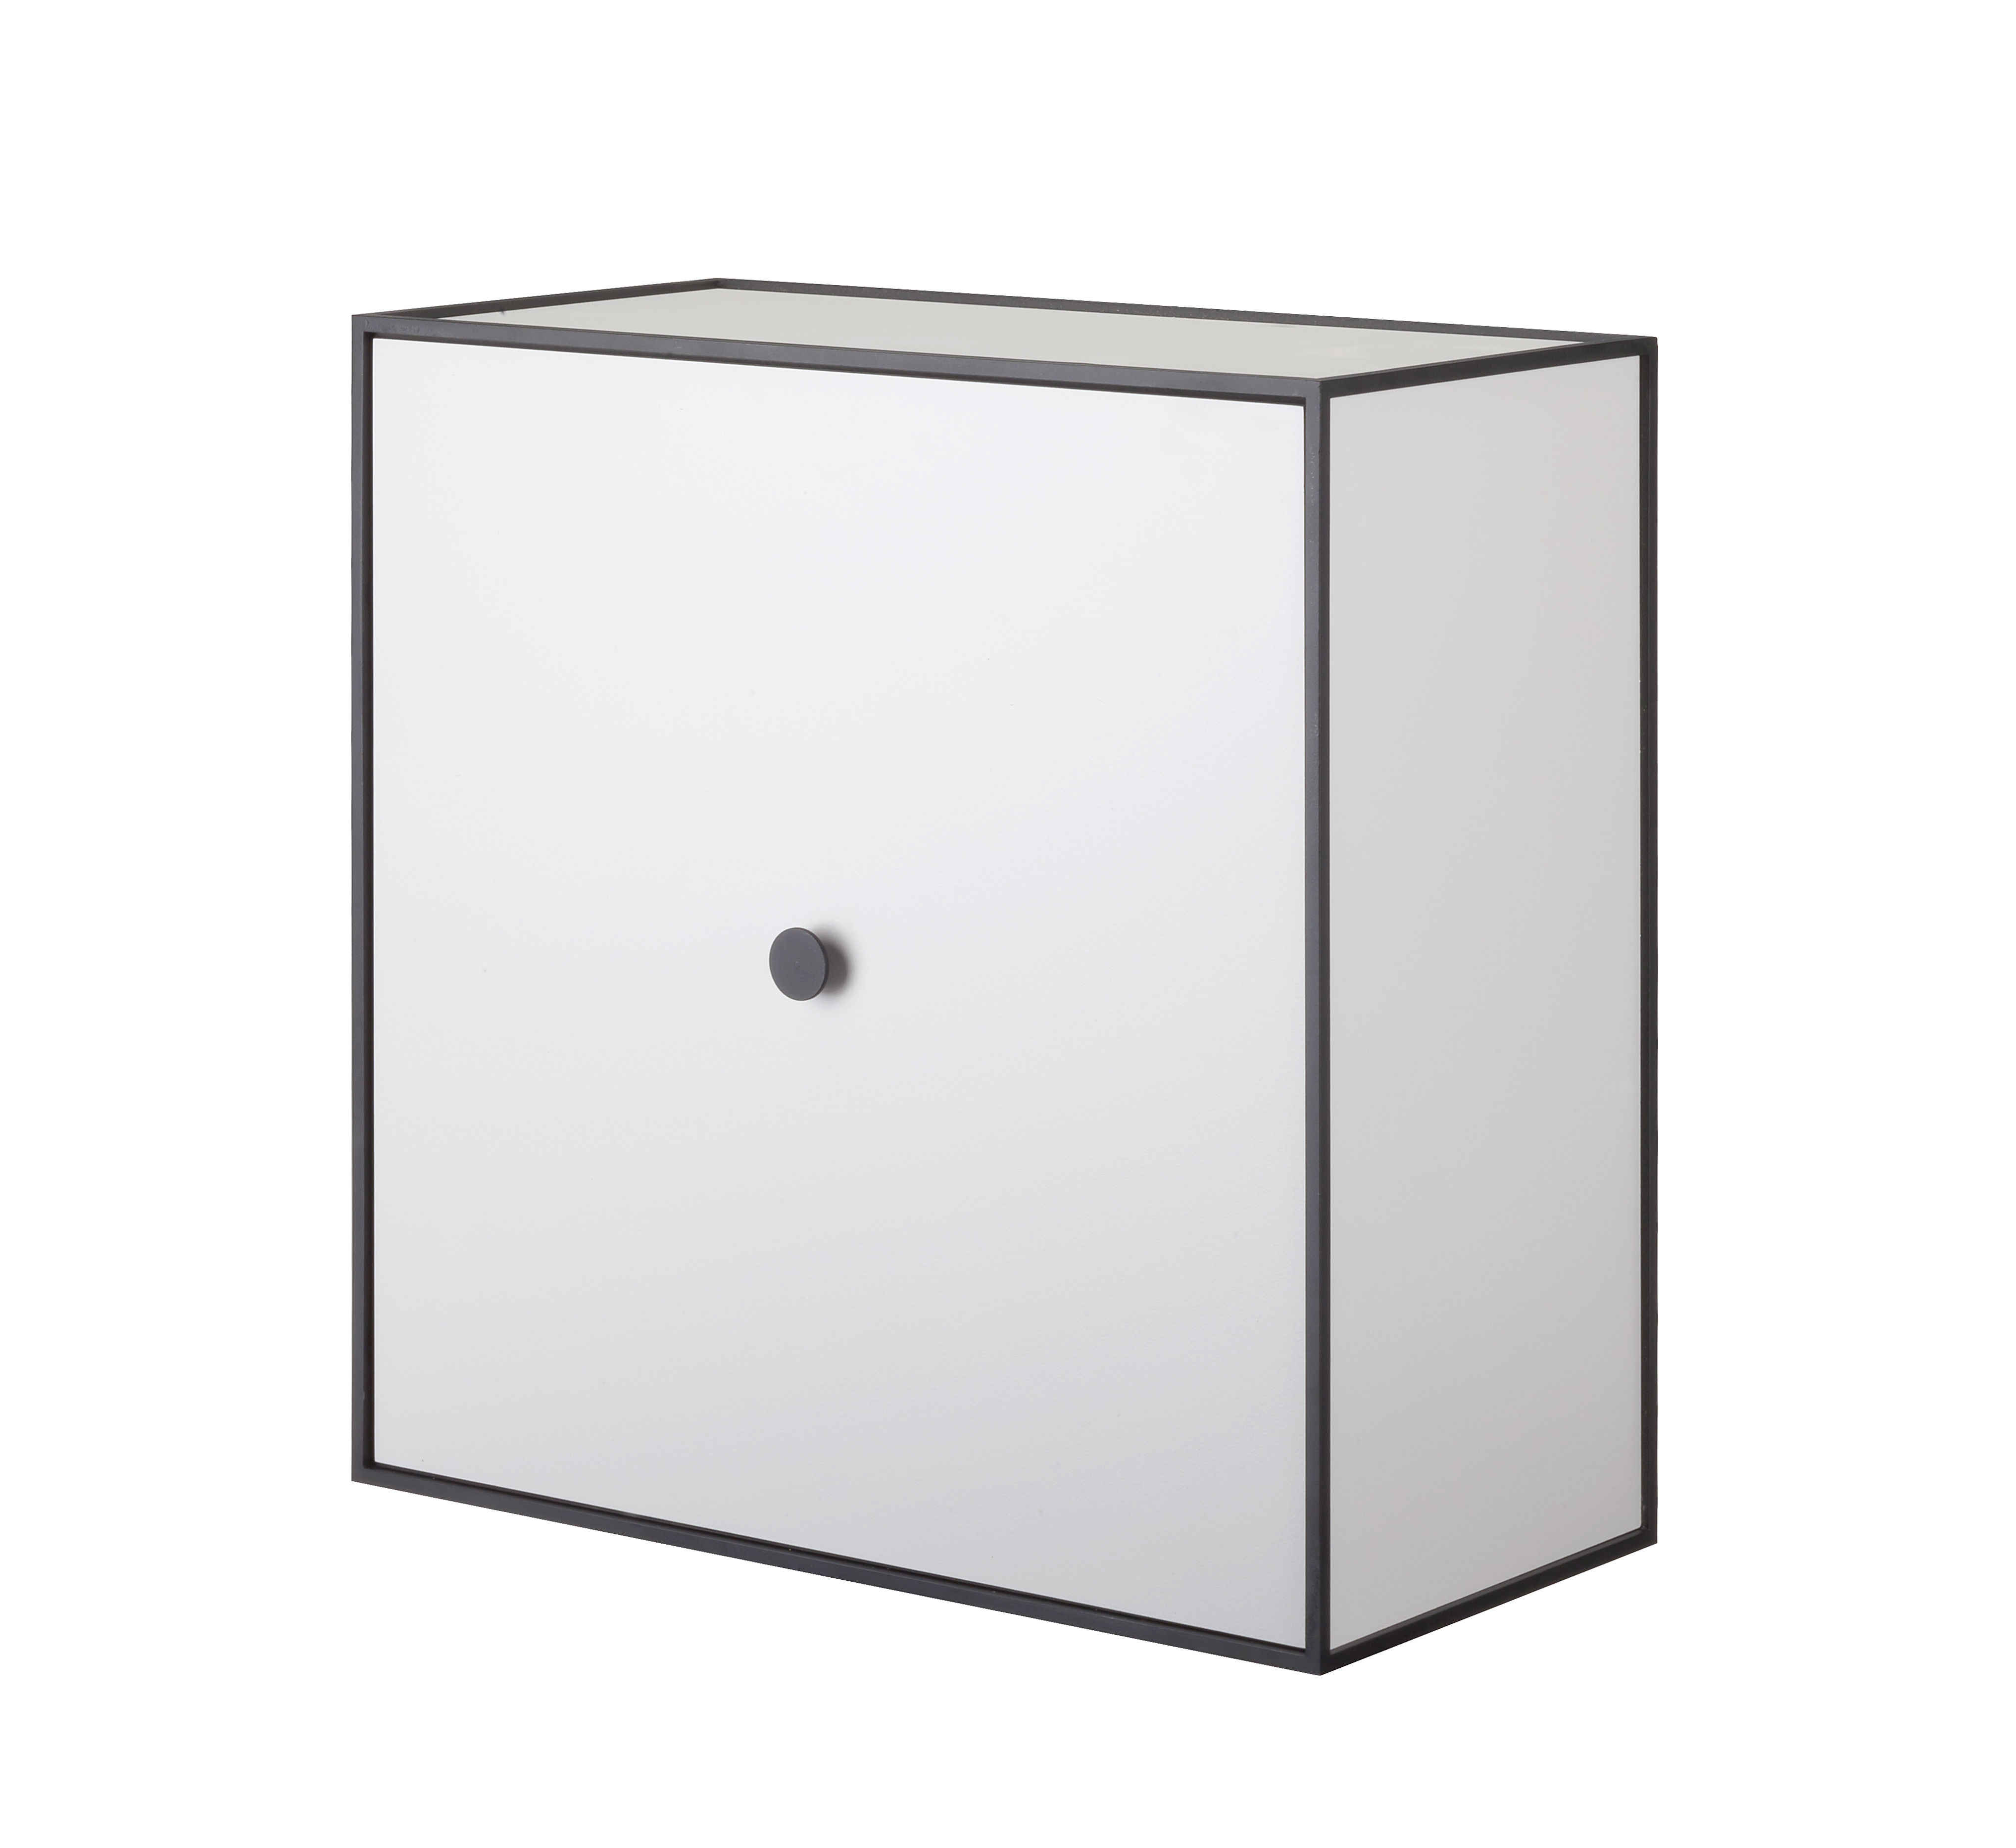 Mobilier - Etagères & bibliothèques - Etagère Frame / Boîte - 42x42 cm - by Lassen - Gris clair - Mélamine, Métal laqué époxy